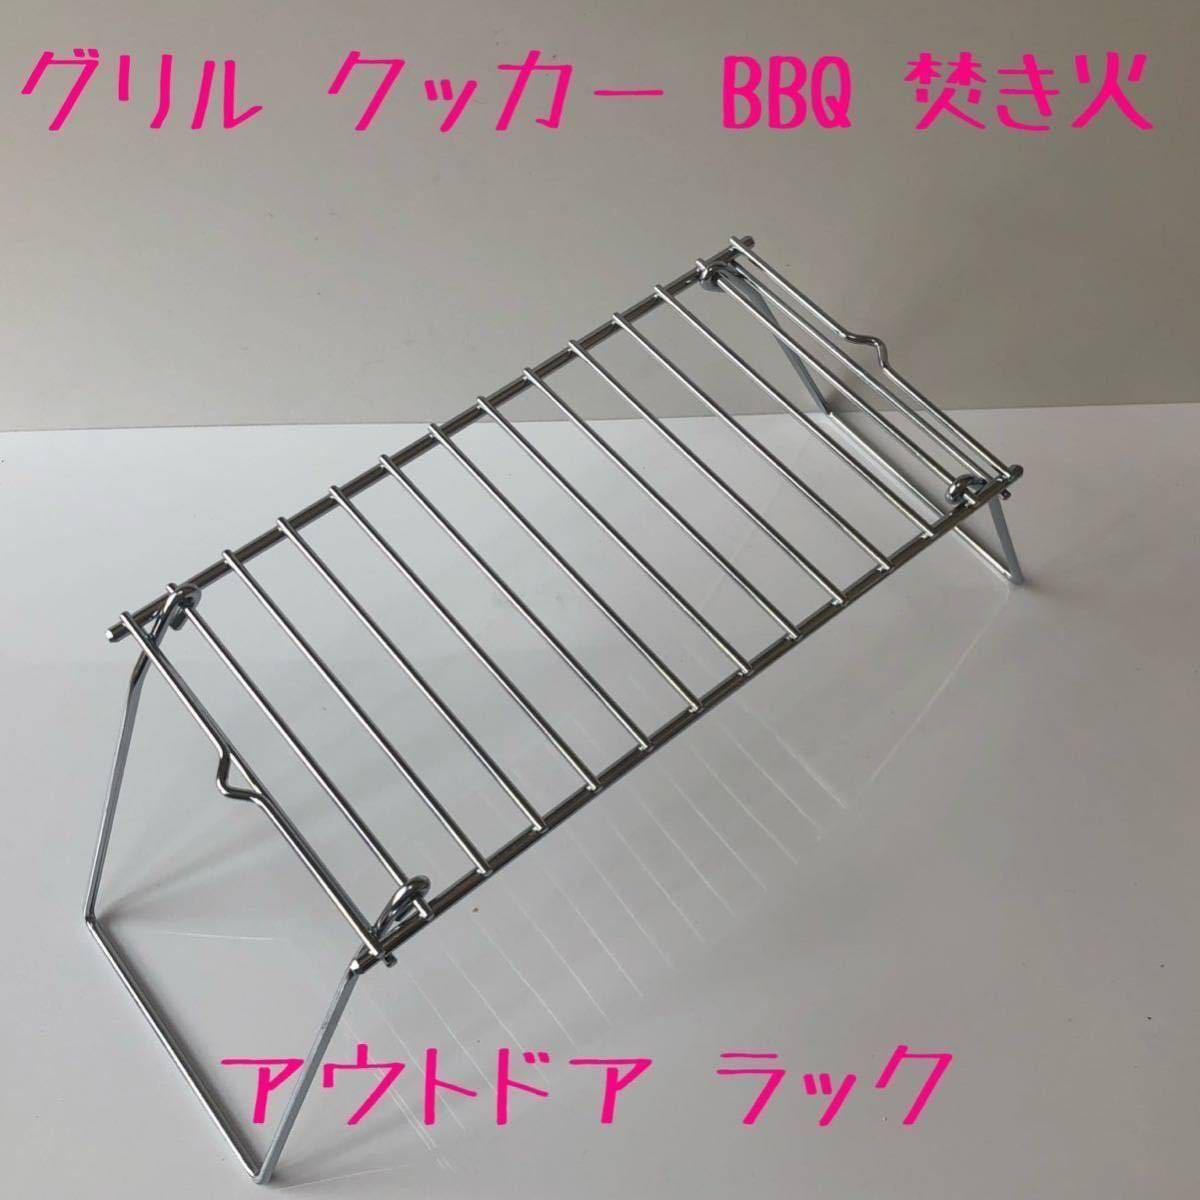 コンパクト 折畳み グリル BBQ クッカー スタンド 五徳 焚き火 ツーリング